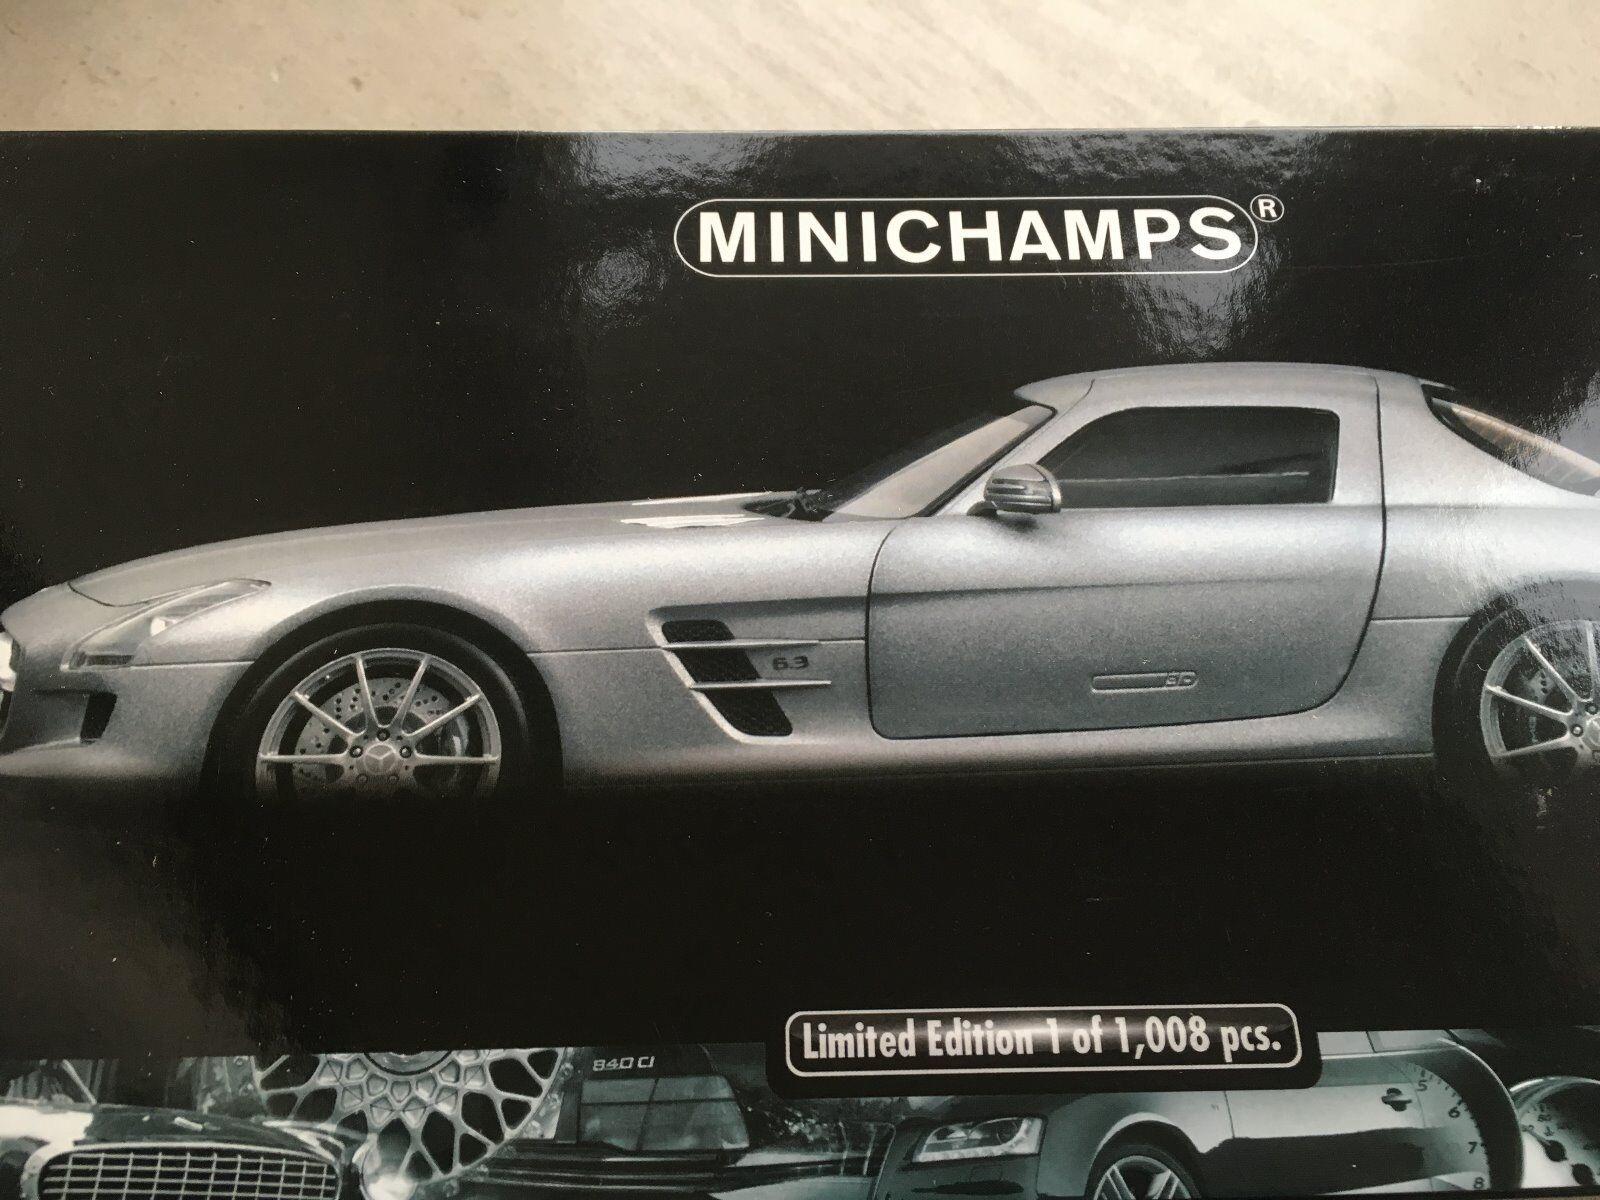 Mercedes sls amg minichamps 1 18 matt Plata